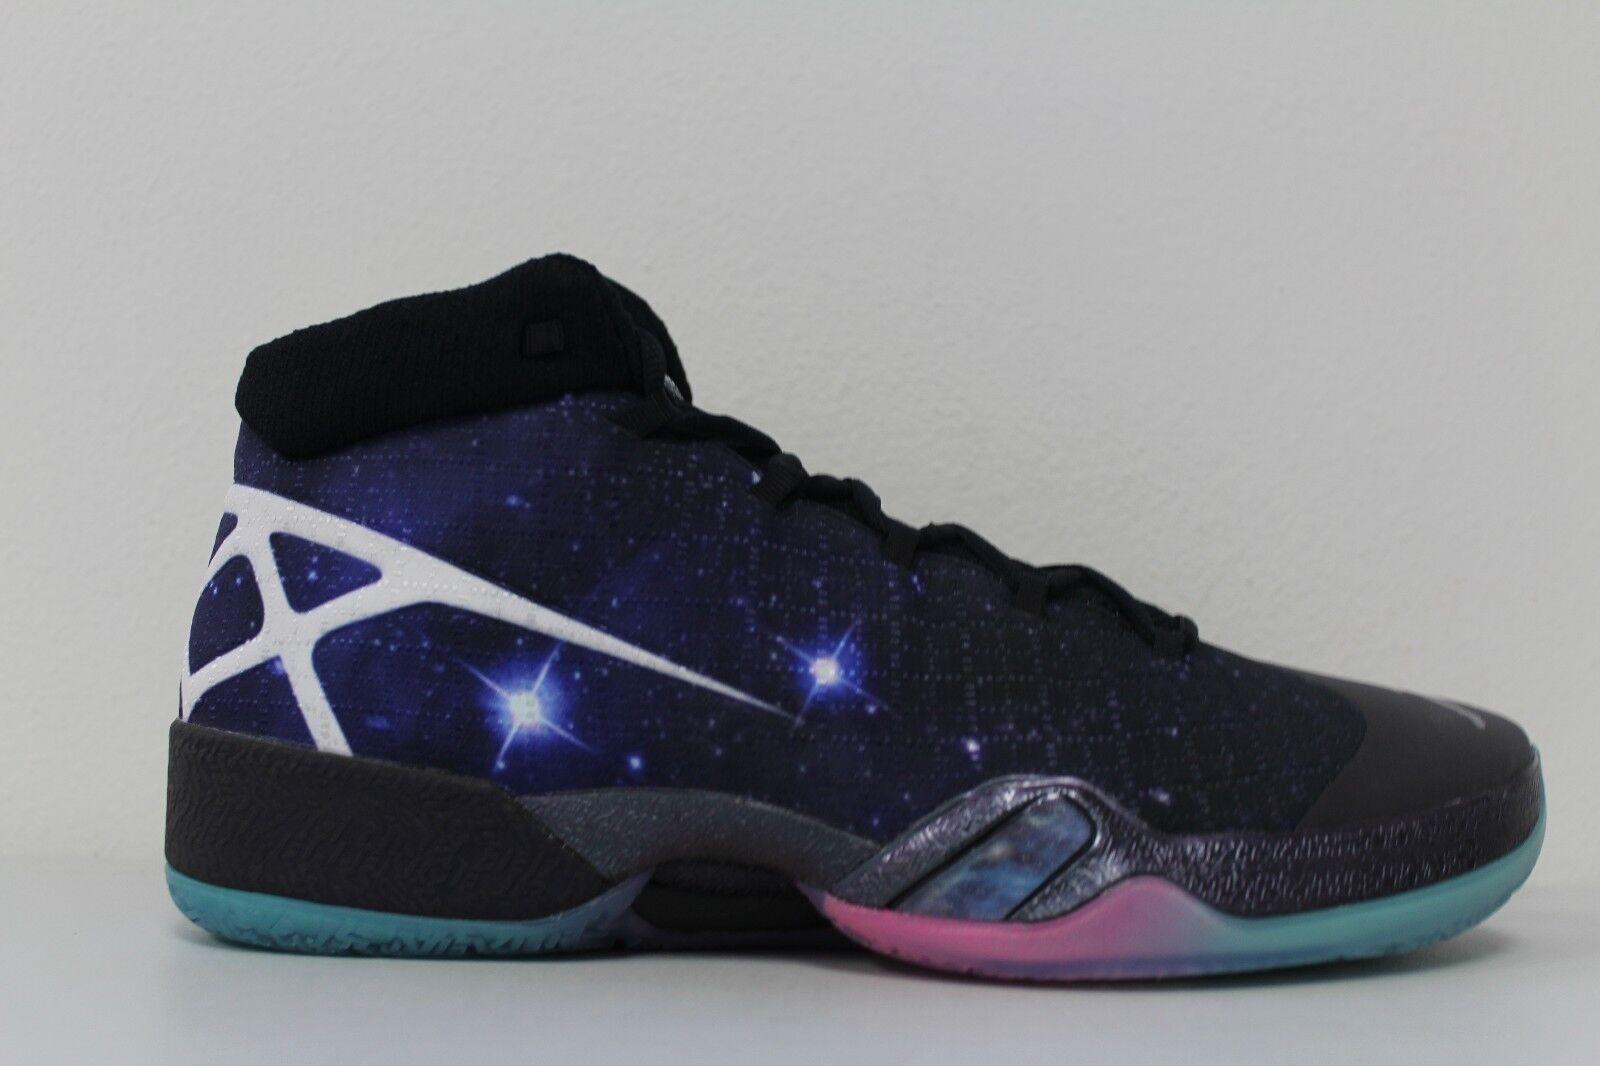 Nike Mens Air Jordan XXX 30 Q54 Quai 54 Cosmos Galaxy 863586 010 Size 13